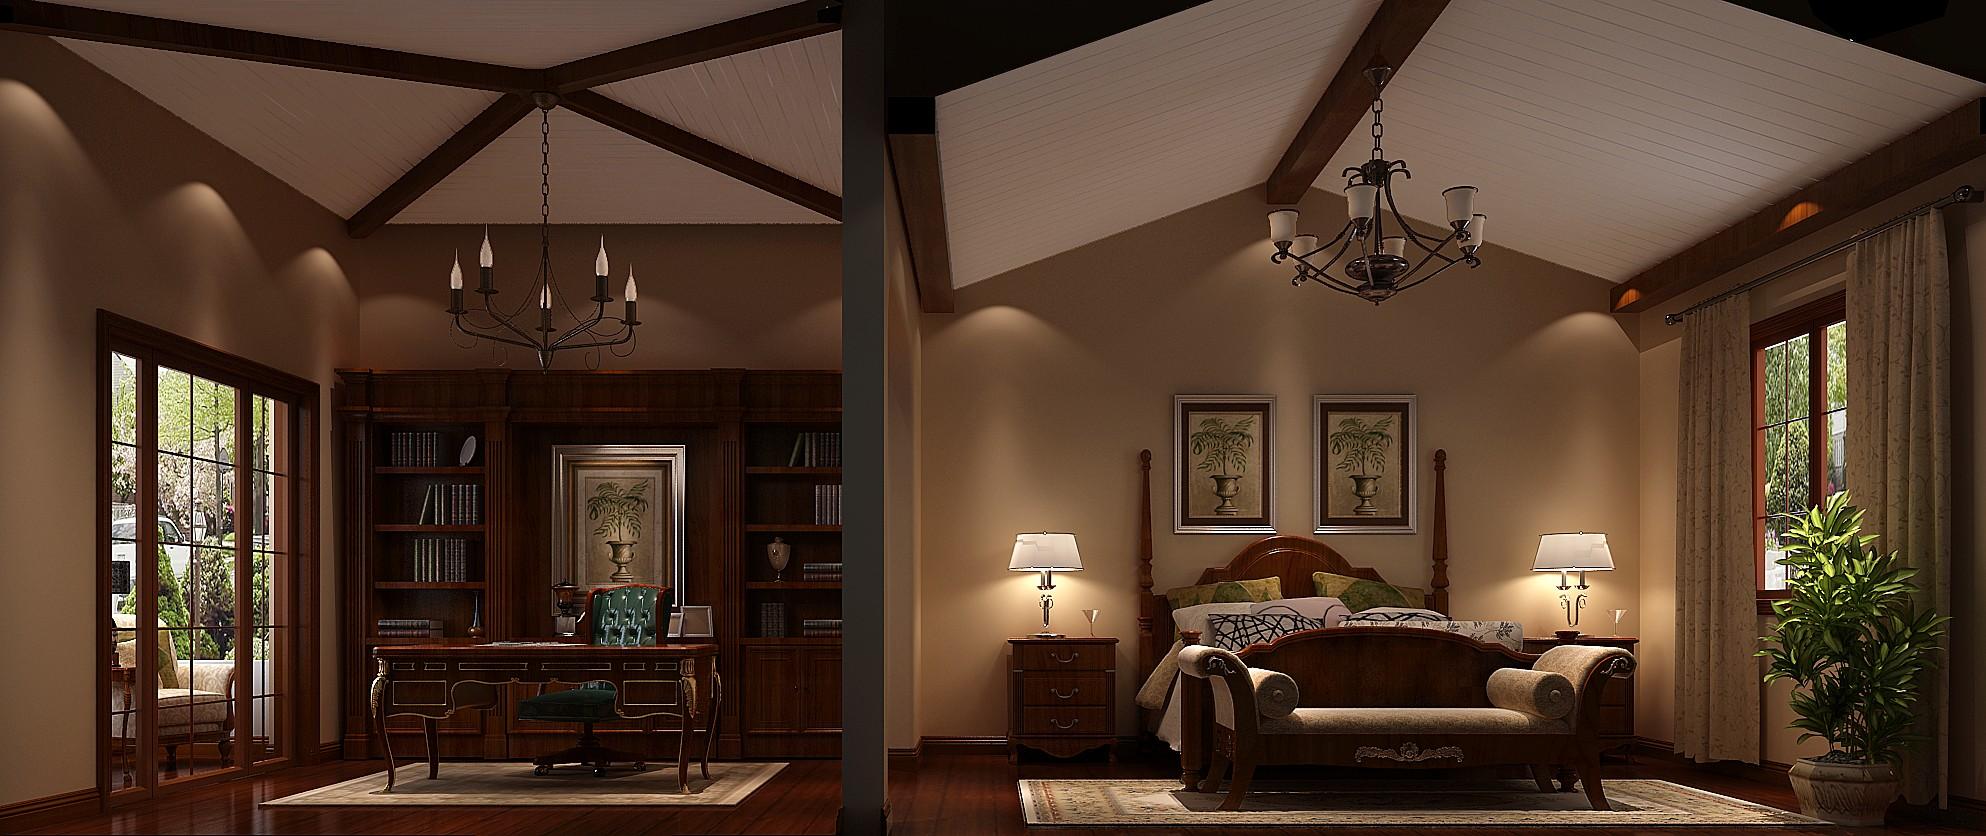 托斯卡纳 别墅 卧室图片来自凌军在龙湖香醍漫步托斯卡纳风格的分享